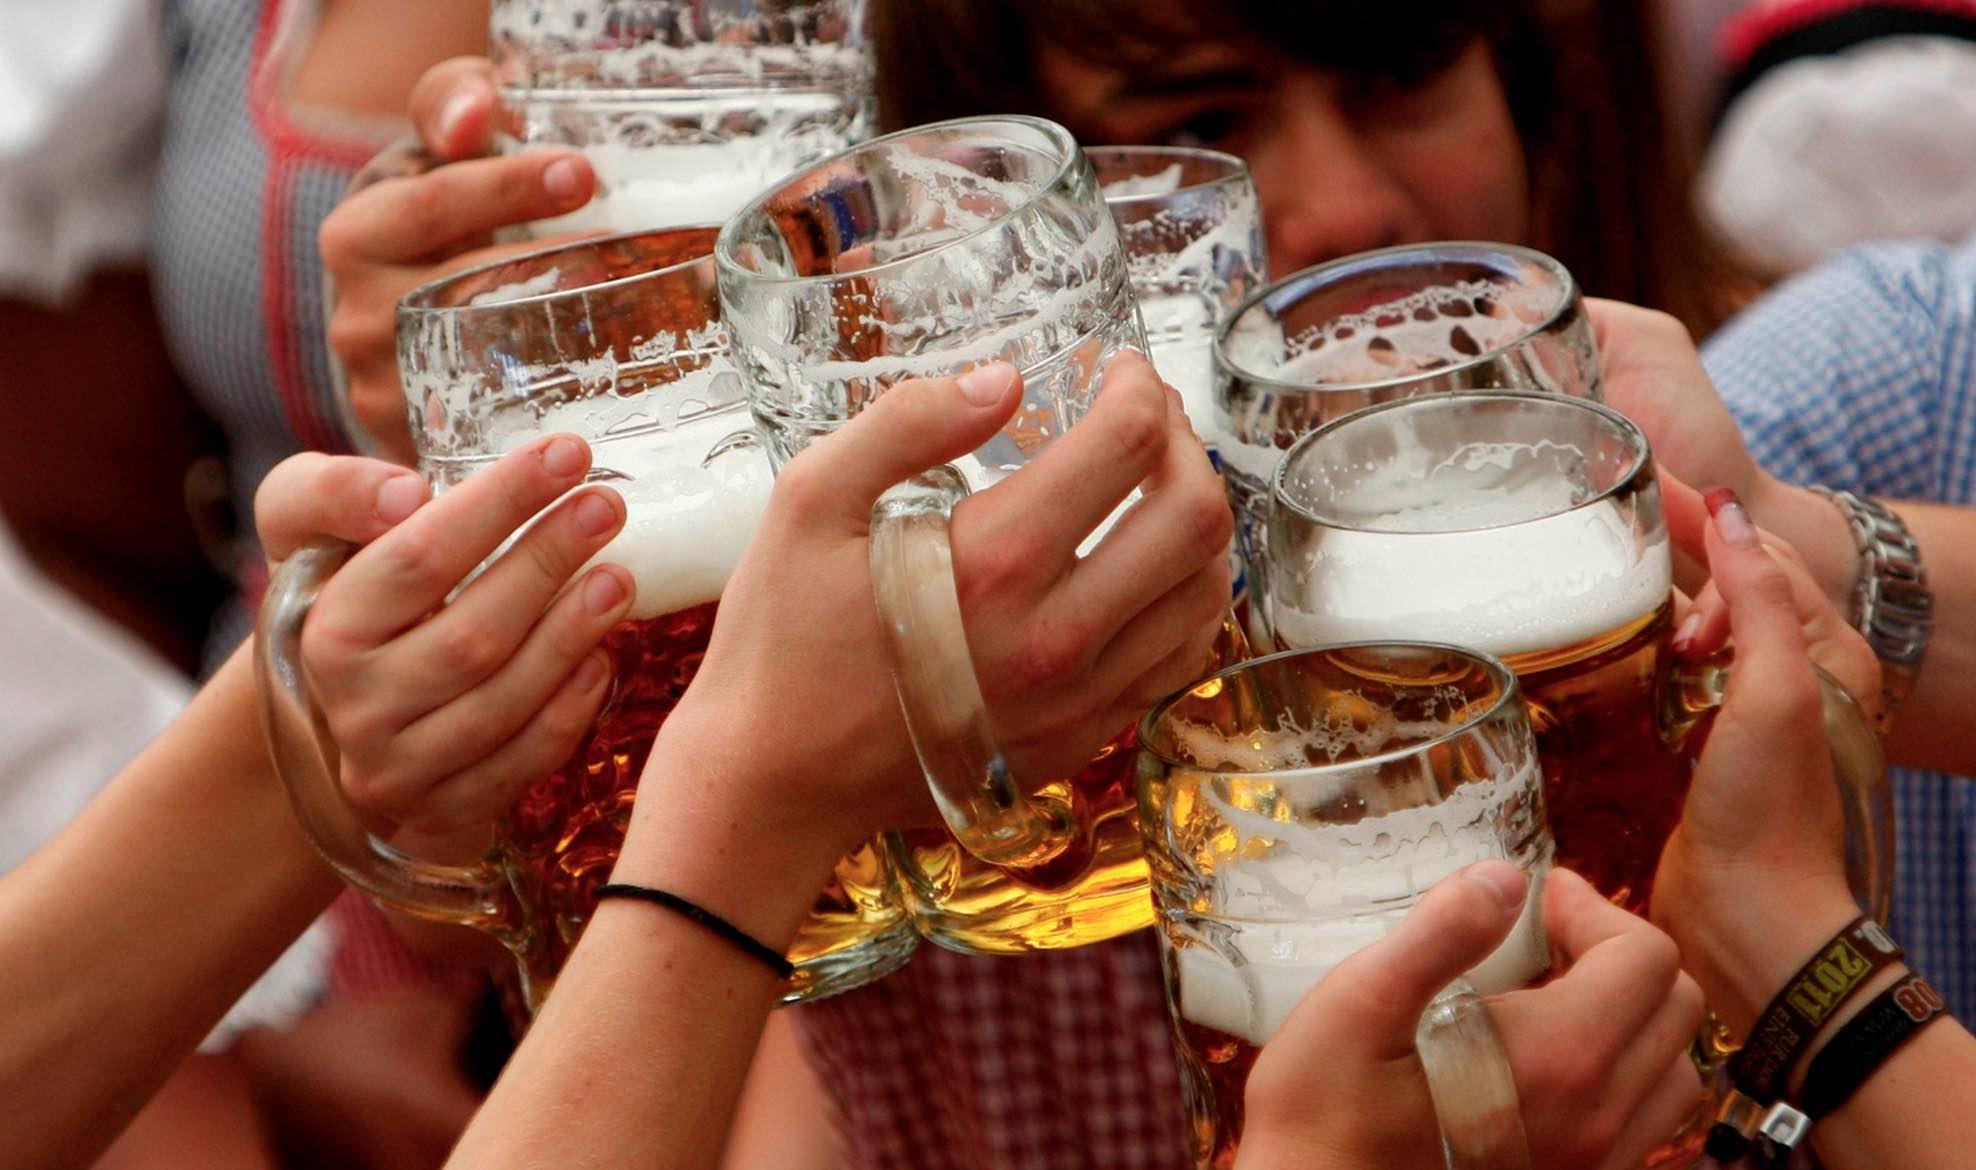 El preparado contra el alcoholismo kolme las revocaciones